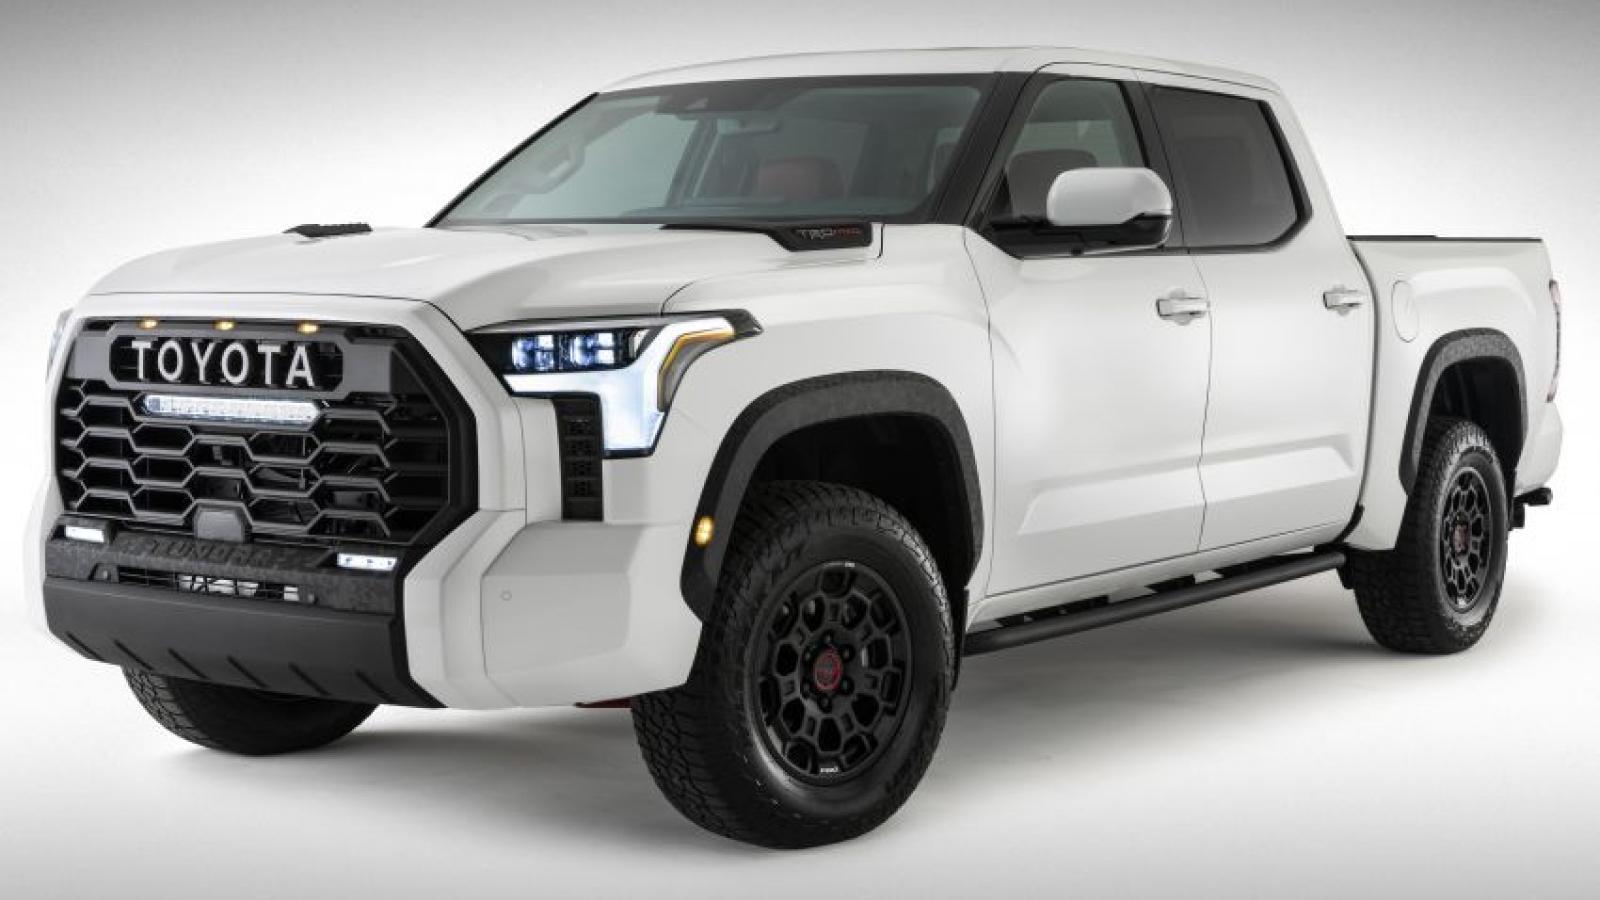 Toyota Tundra thế hệ mới chính thức lộ diện lần đầu